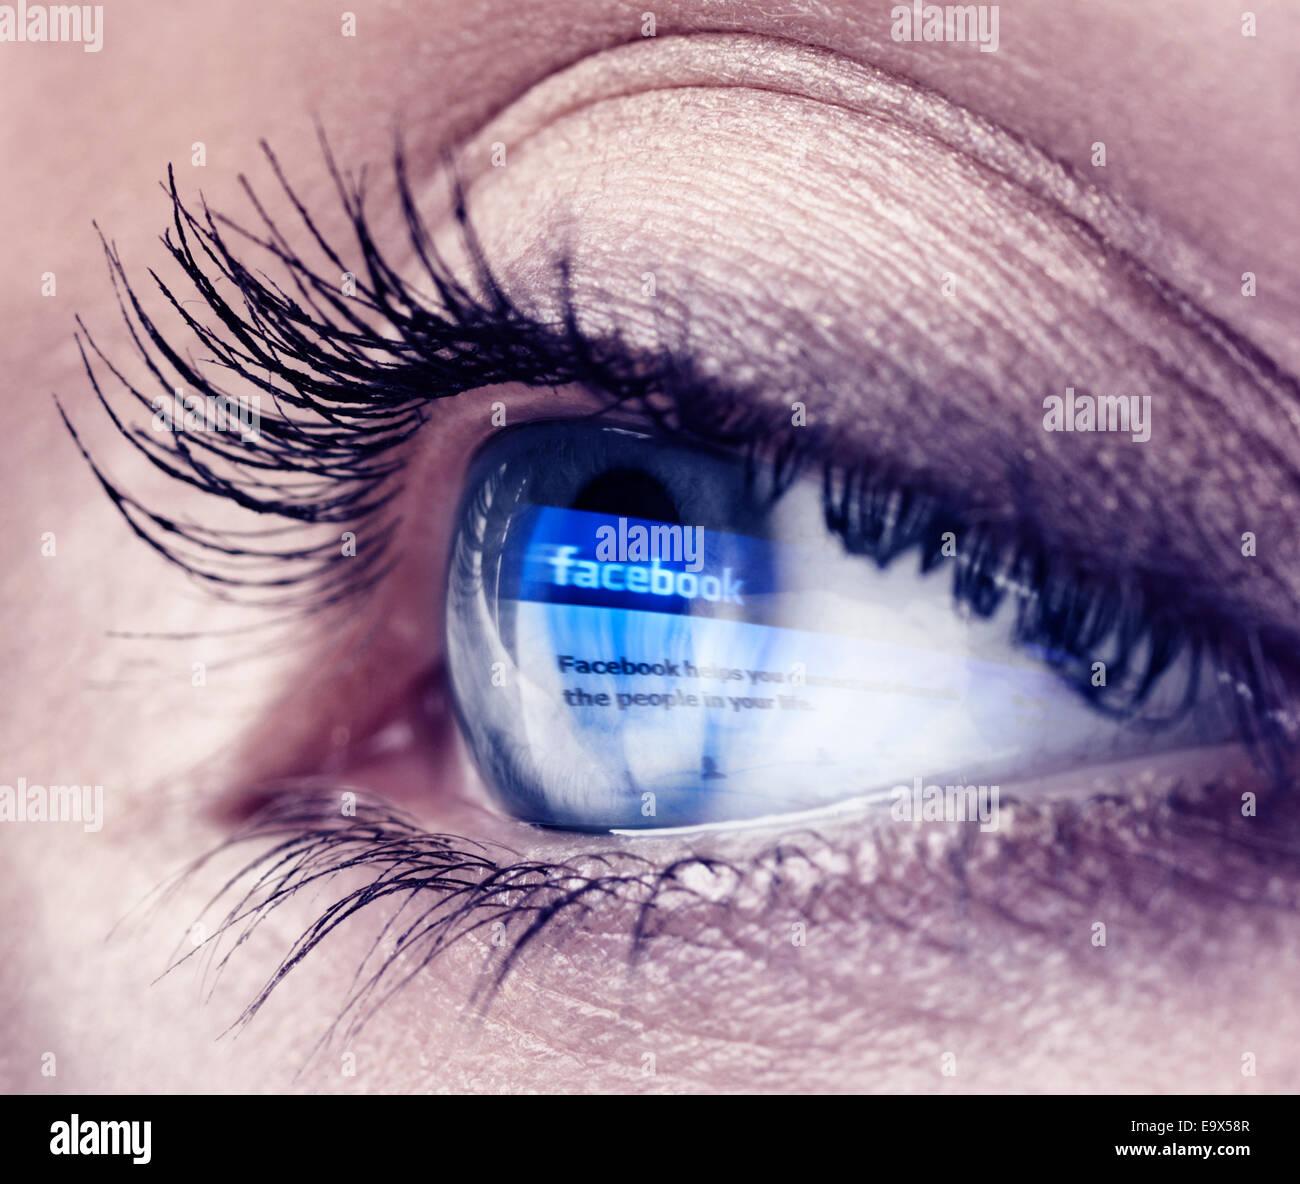 Primer plano de un joven del ojo azul con logotipo Facebook reflejando en ella Imagen De Stock